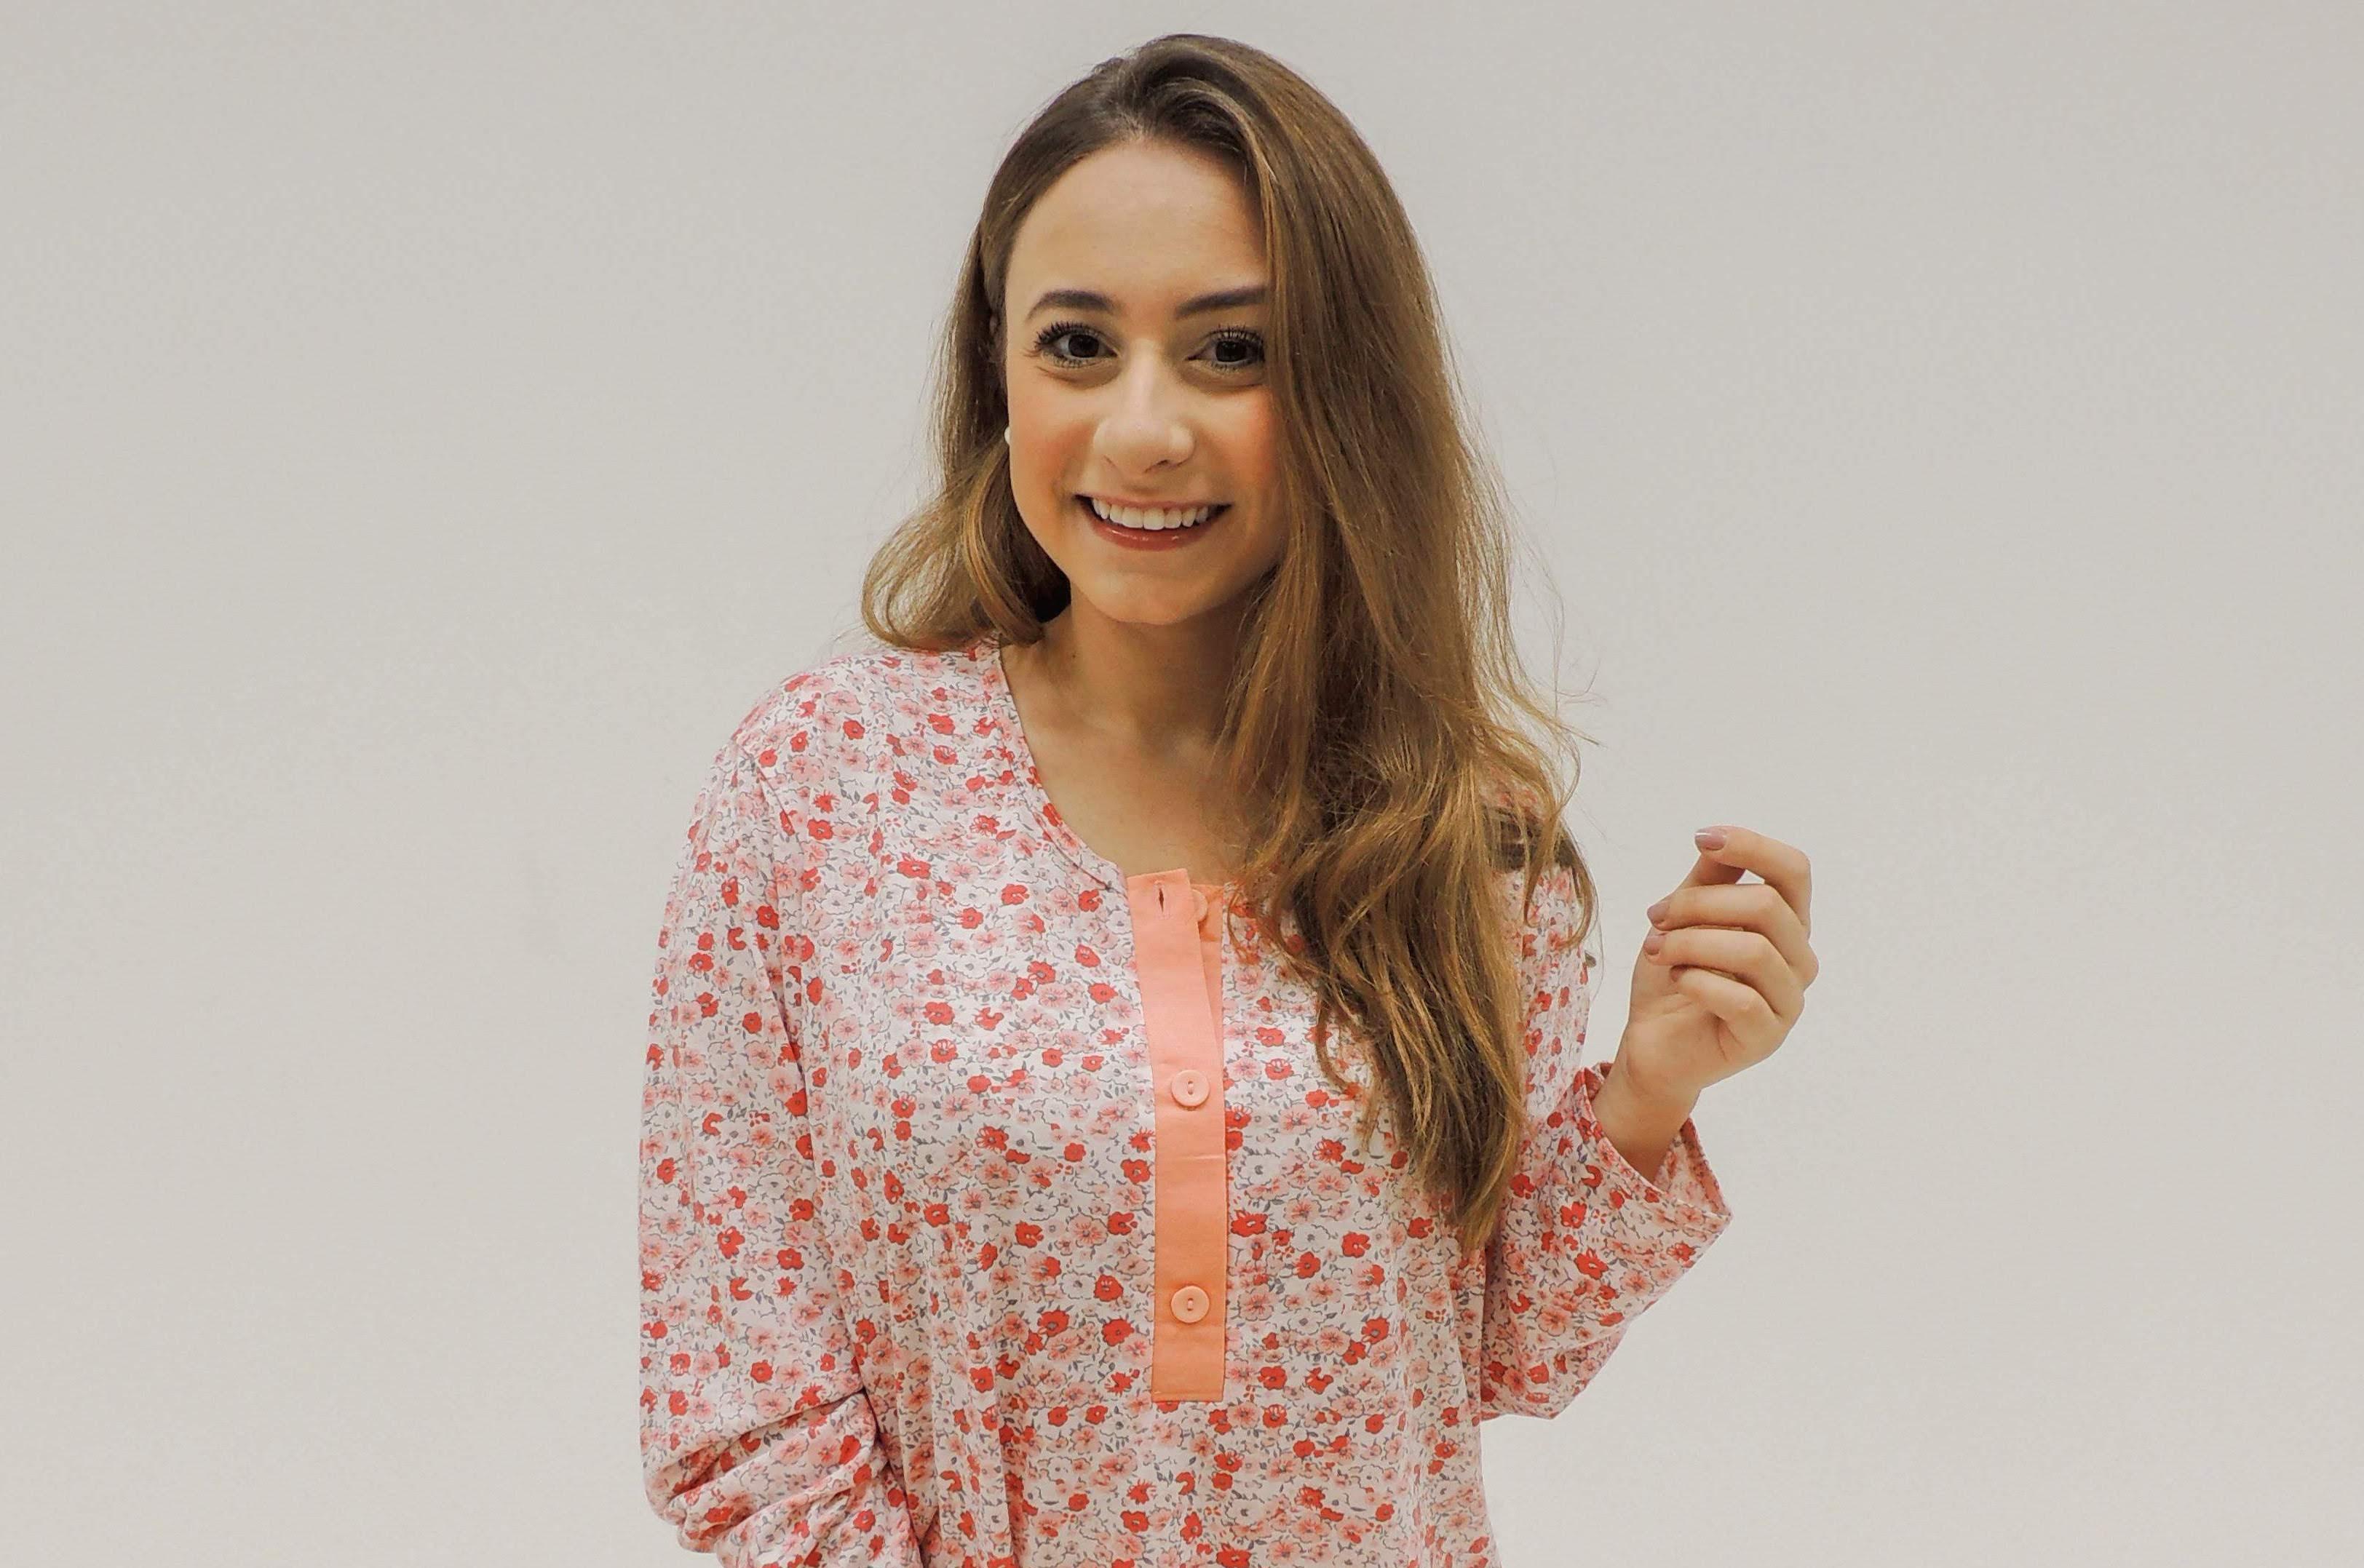 Conheça a história da Bruna, estudante e designer de moda na sua própria confecção